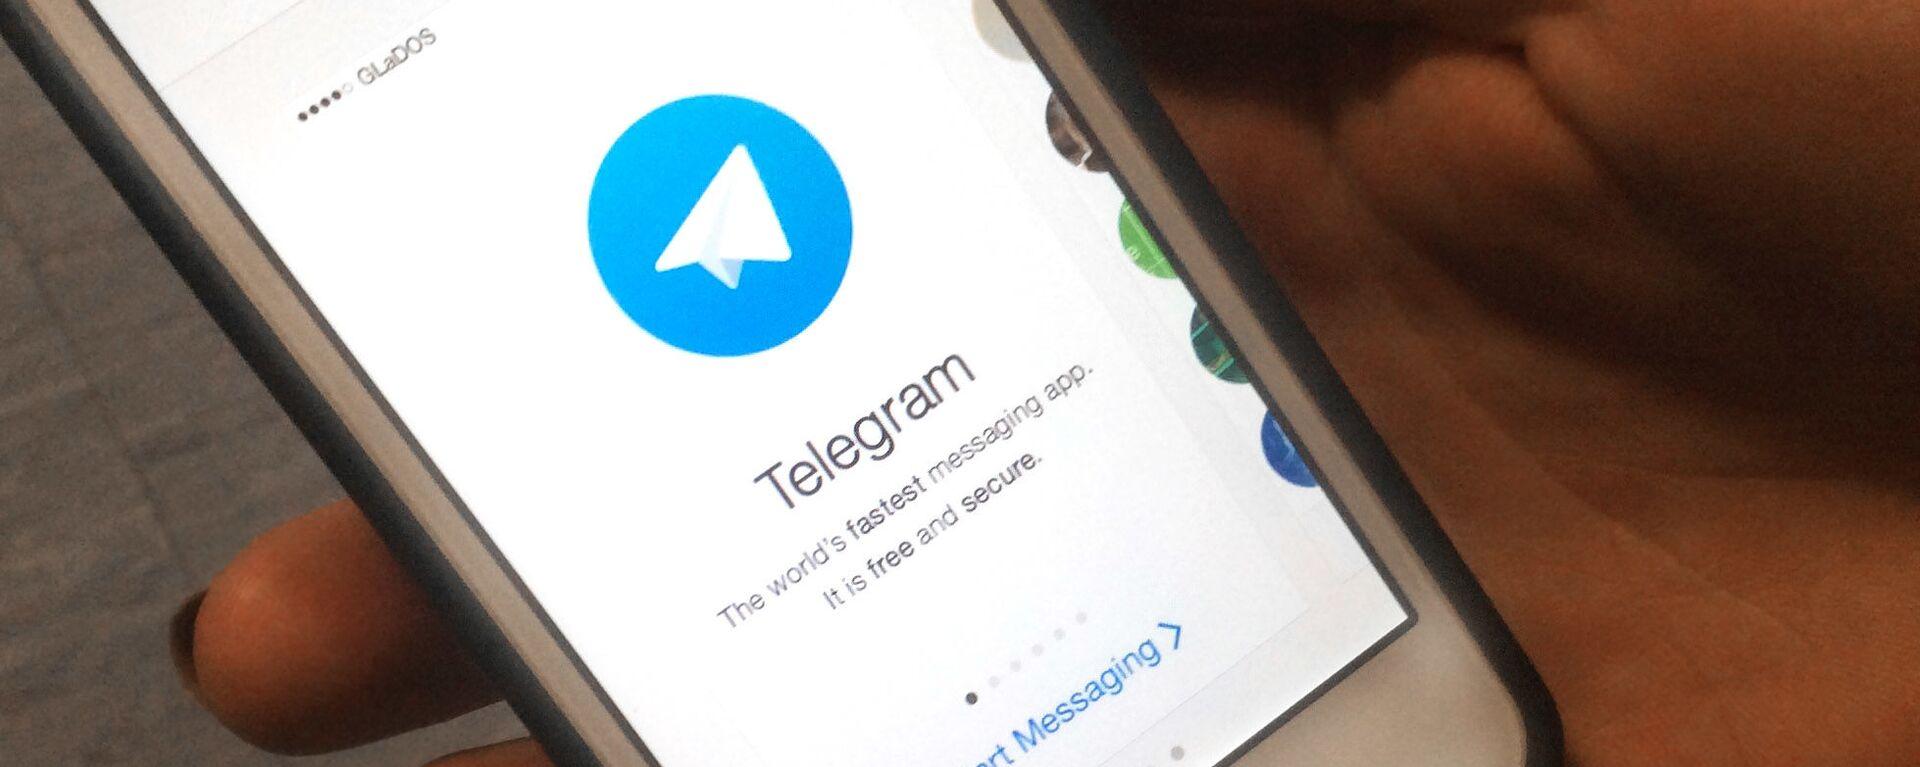 Aplikace Telegram - Sputnik Česká republika, 1920, 29.01.2021